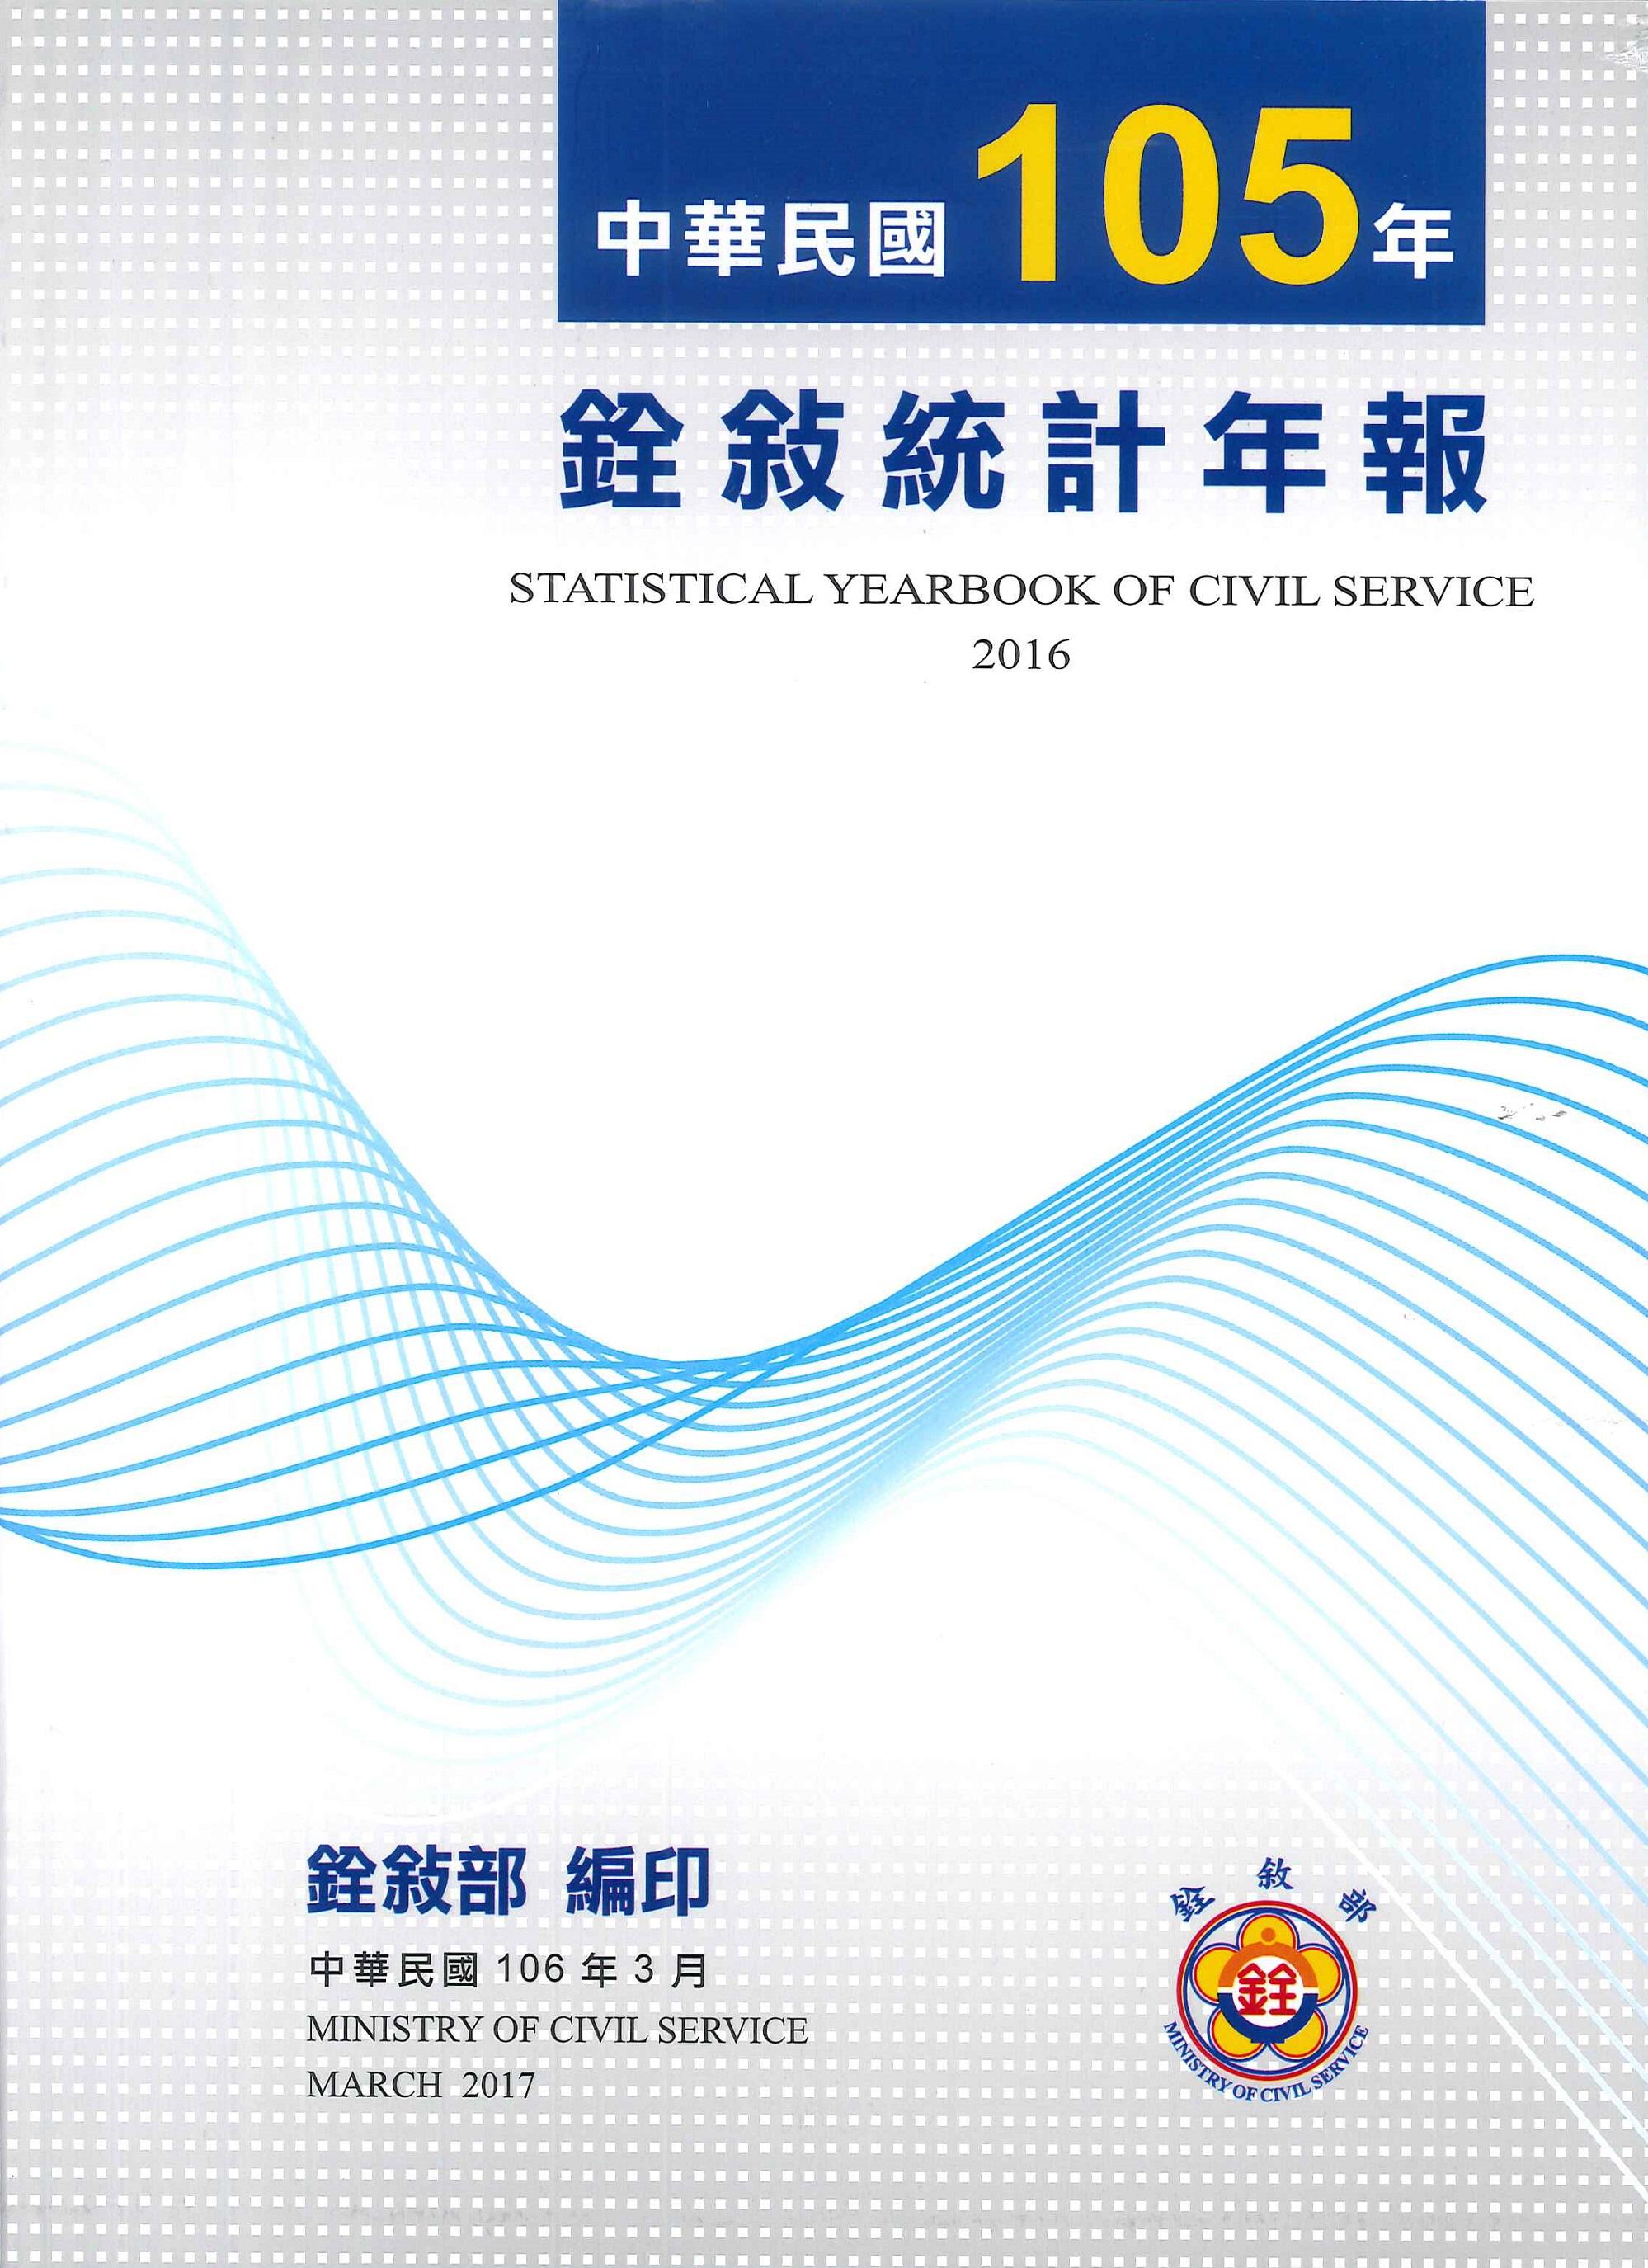 銓敍統計年報=Statistical yearbook of civil service